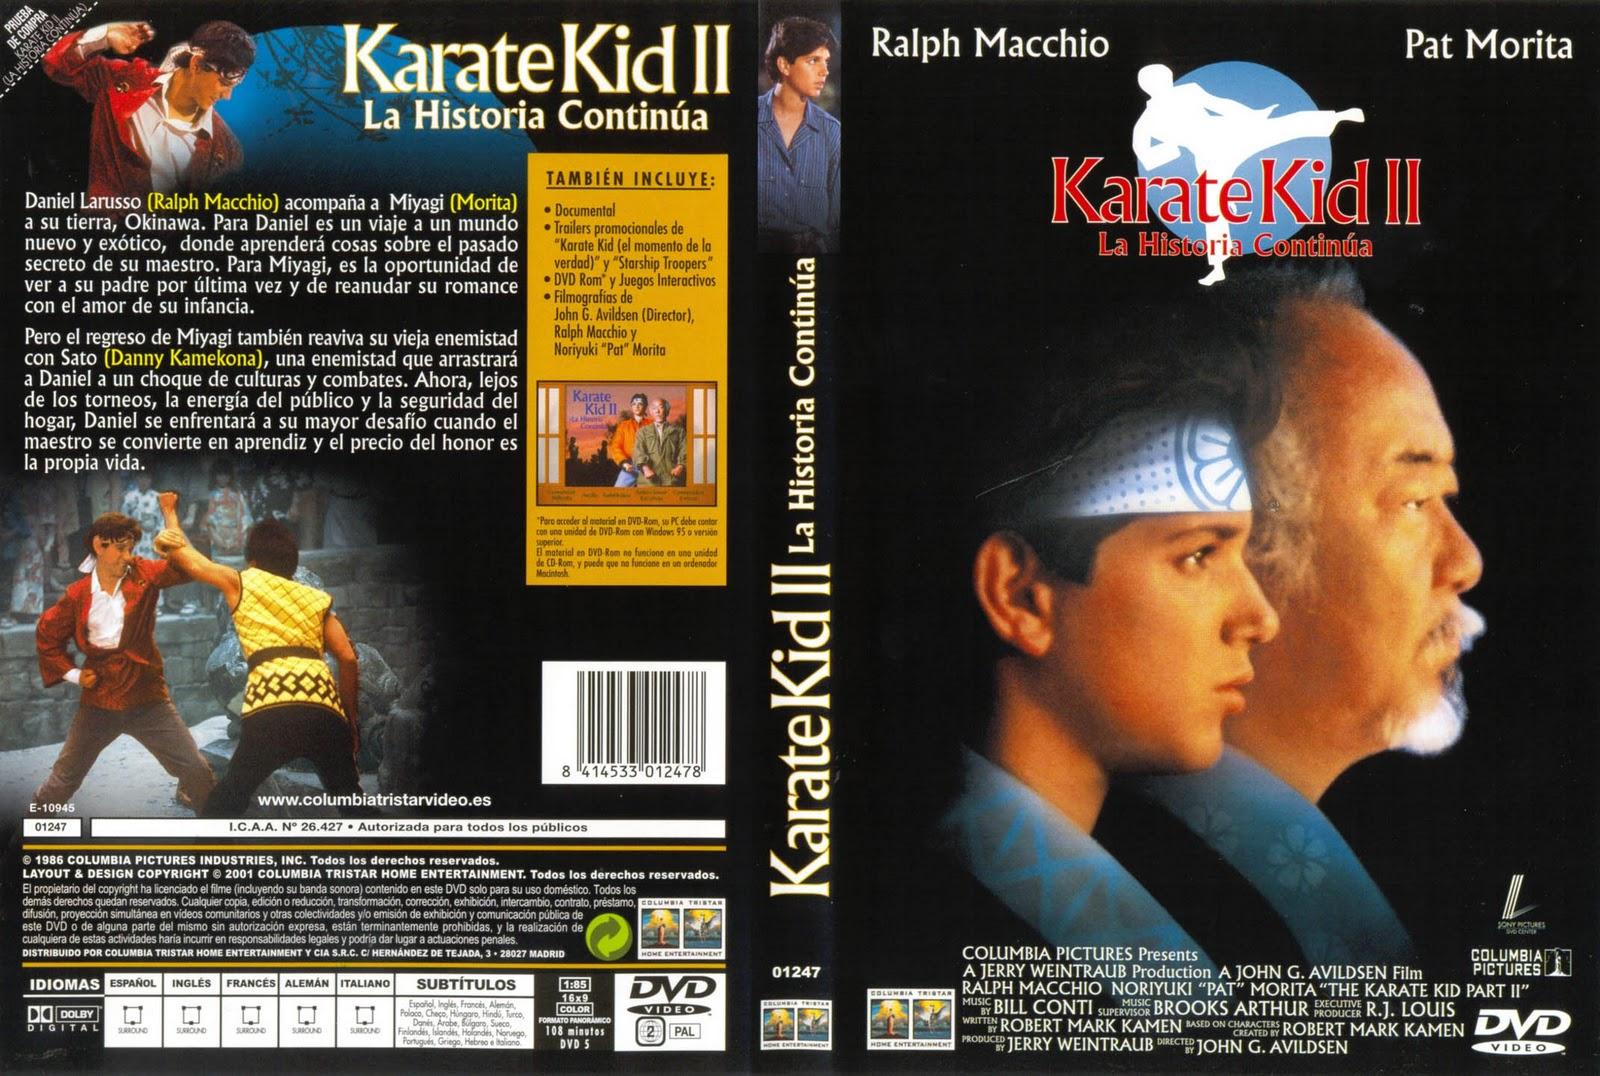 Karate Kid Karate Kid Pelicula Completa Gratis